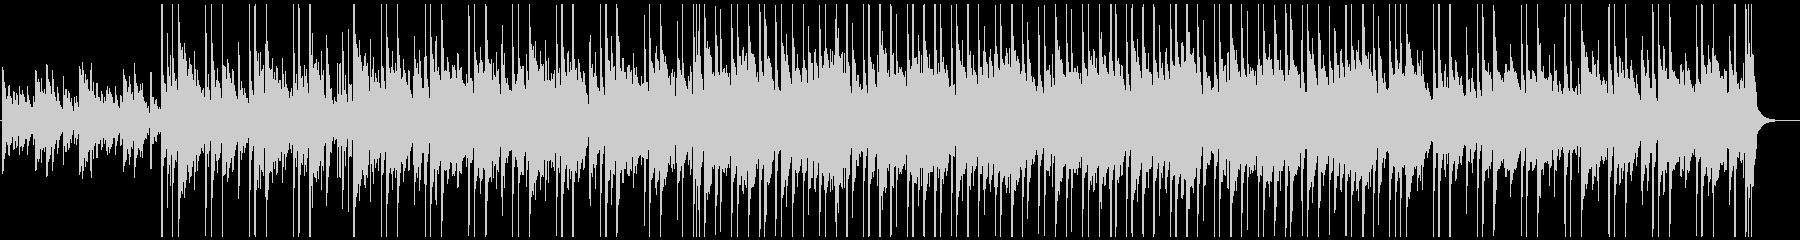 ピアノとアコギがメインのほんわかBGMの未再生の波形